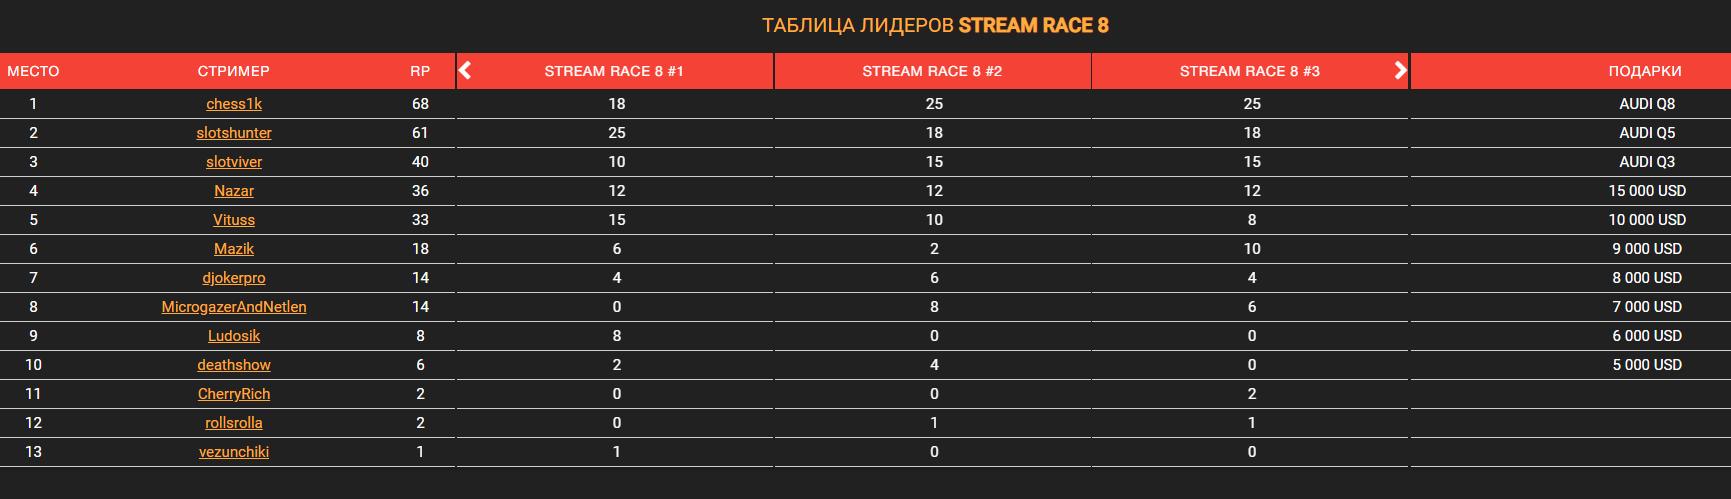 Стримерская гонка Stream Race 8 – финалисты и призовой фонд гонки